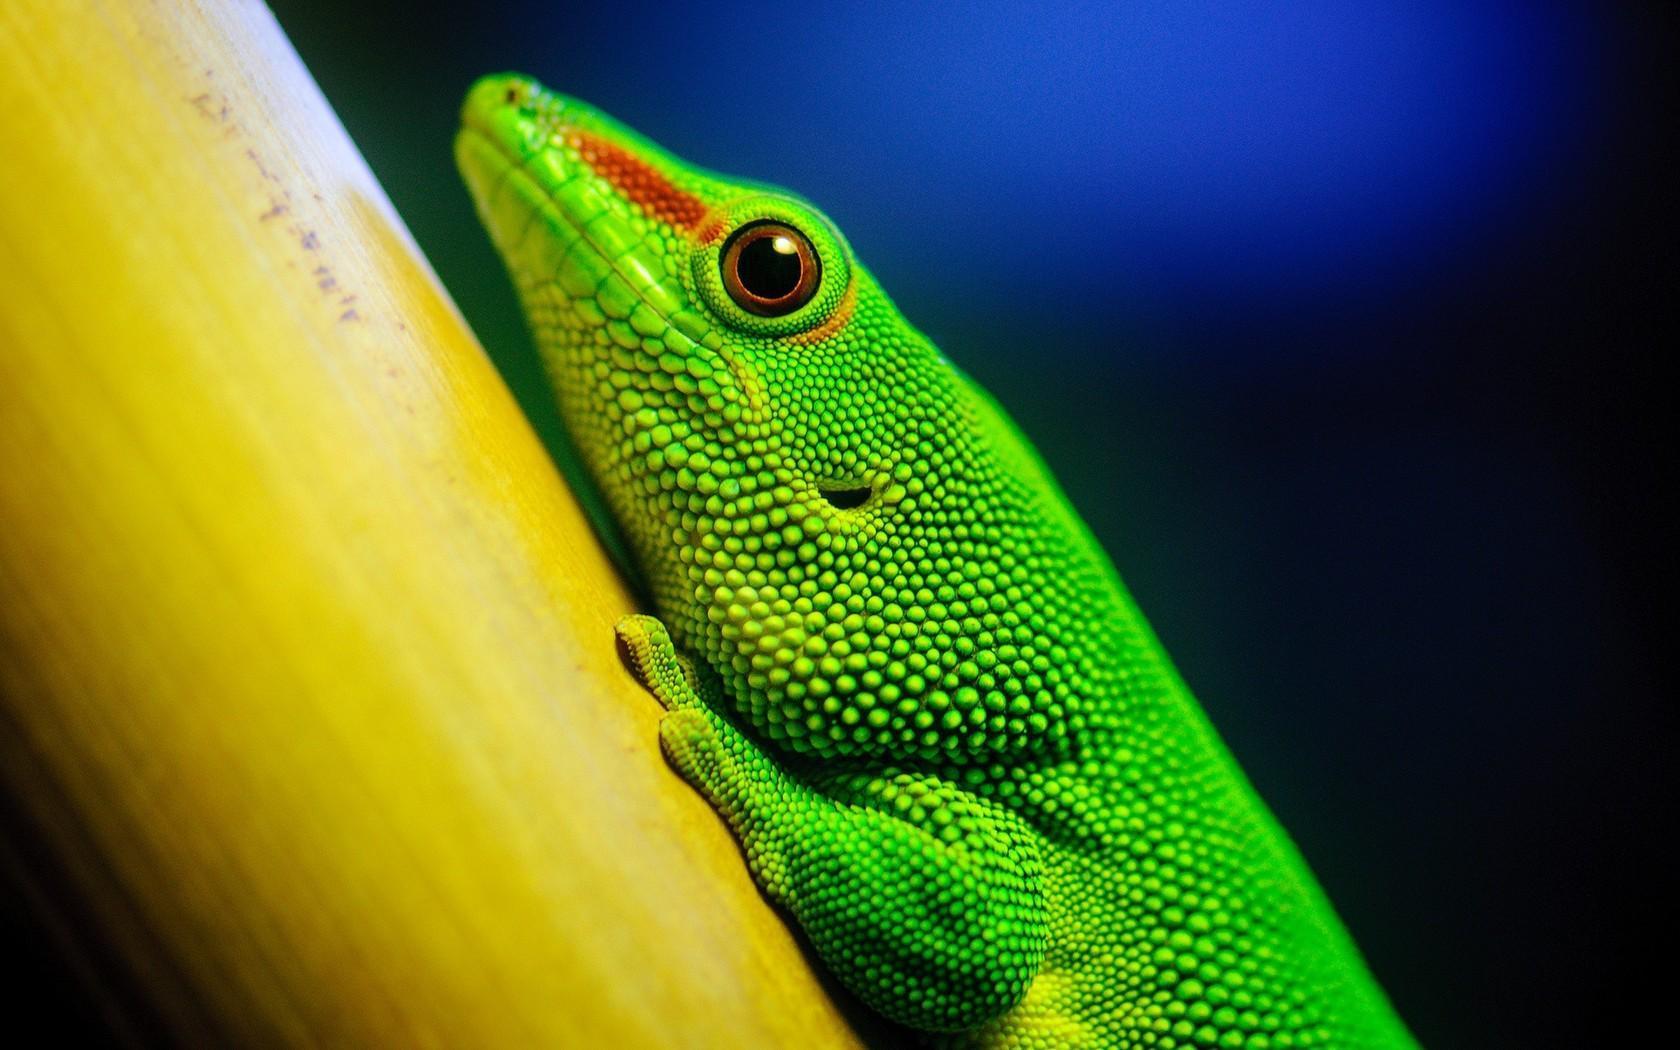 Lizard Wallpapers HD Download